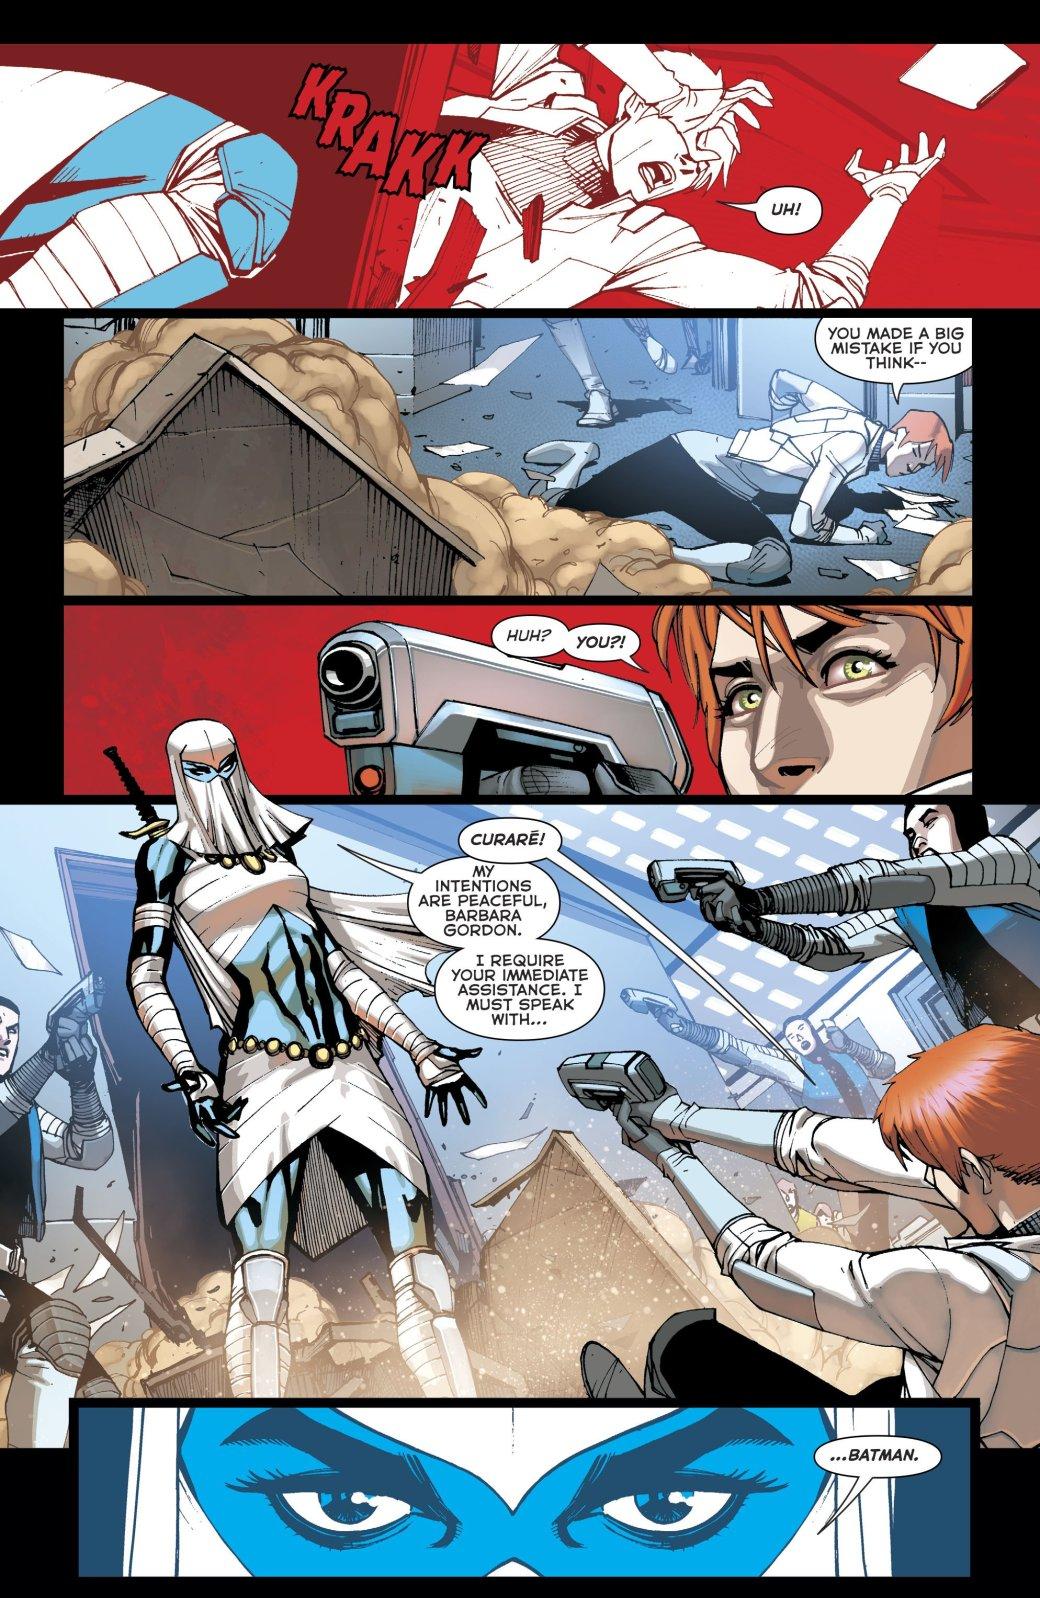 В Готэме будущего появилась Лига убийц | Канобу - Изображение 2685